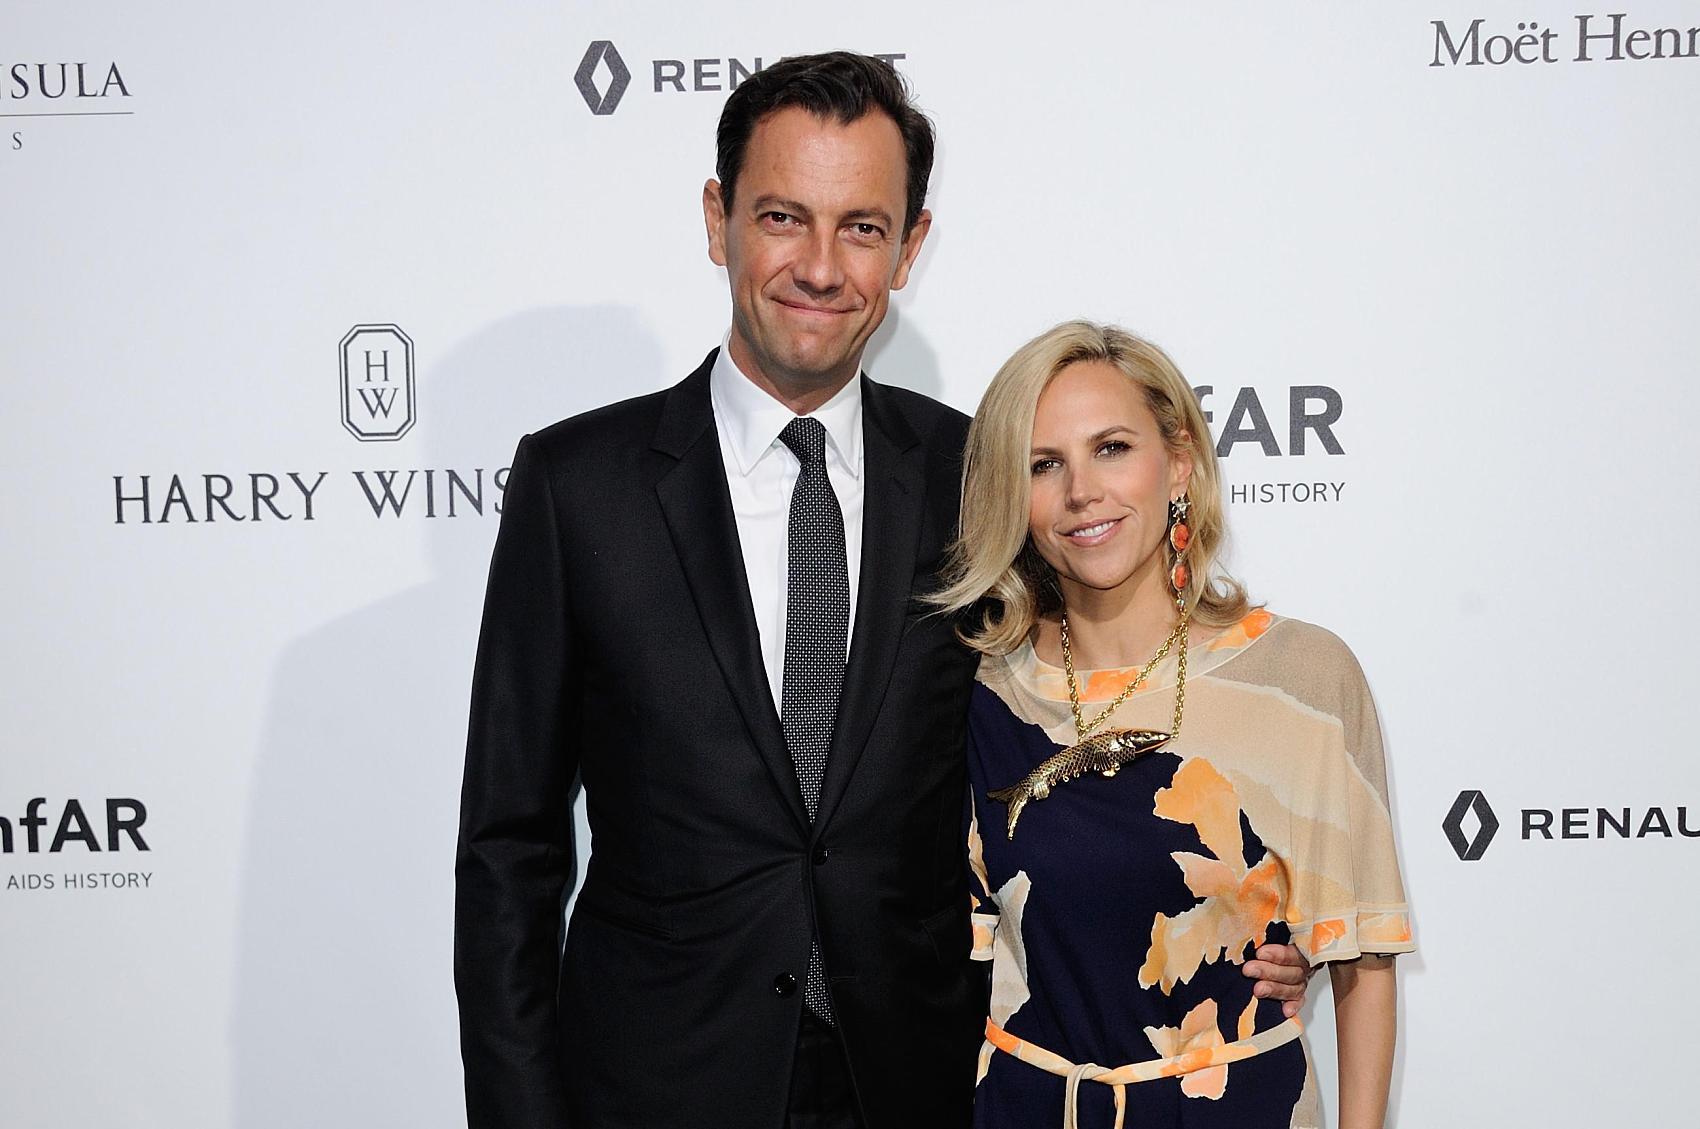 人事动向丨Tory Burch新婚丈夫出任其同名品牌CEO;皮革业老将担纲 Karl Lagerfeld 品牌配饰主设